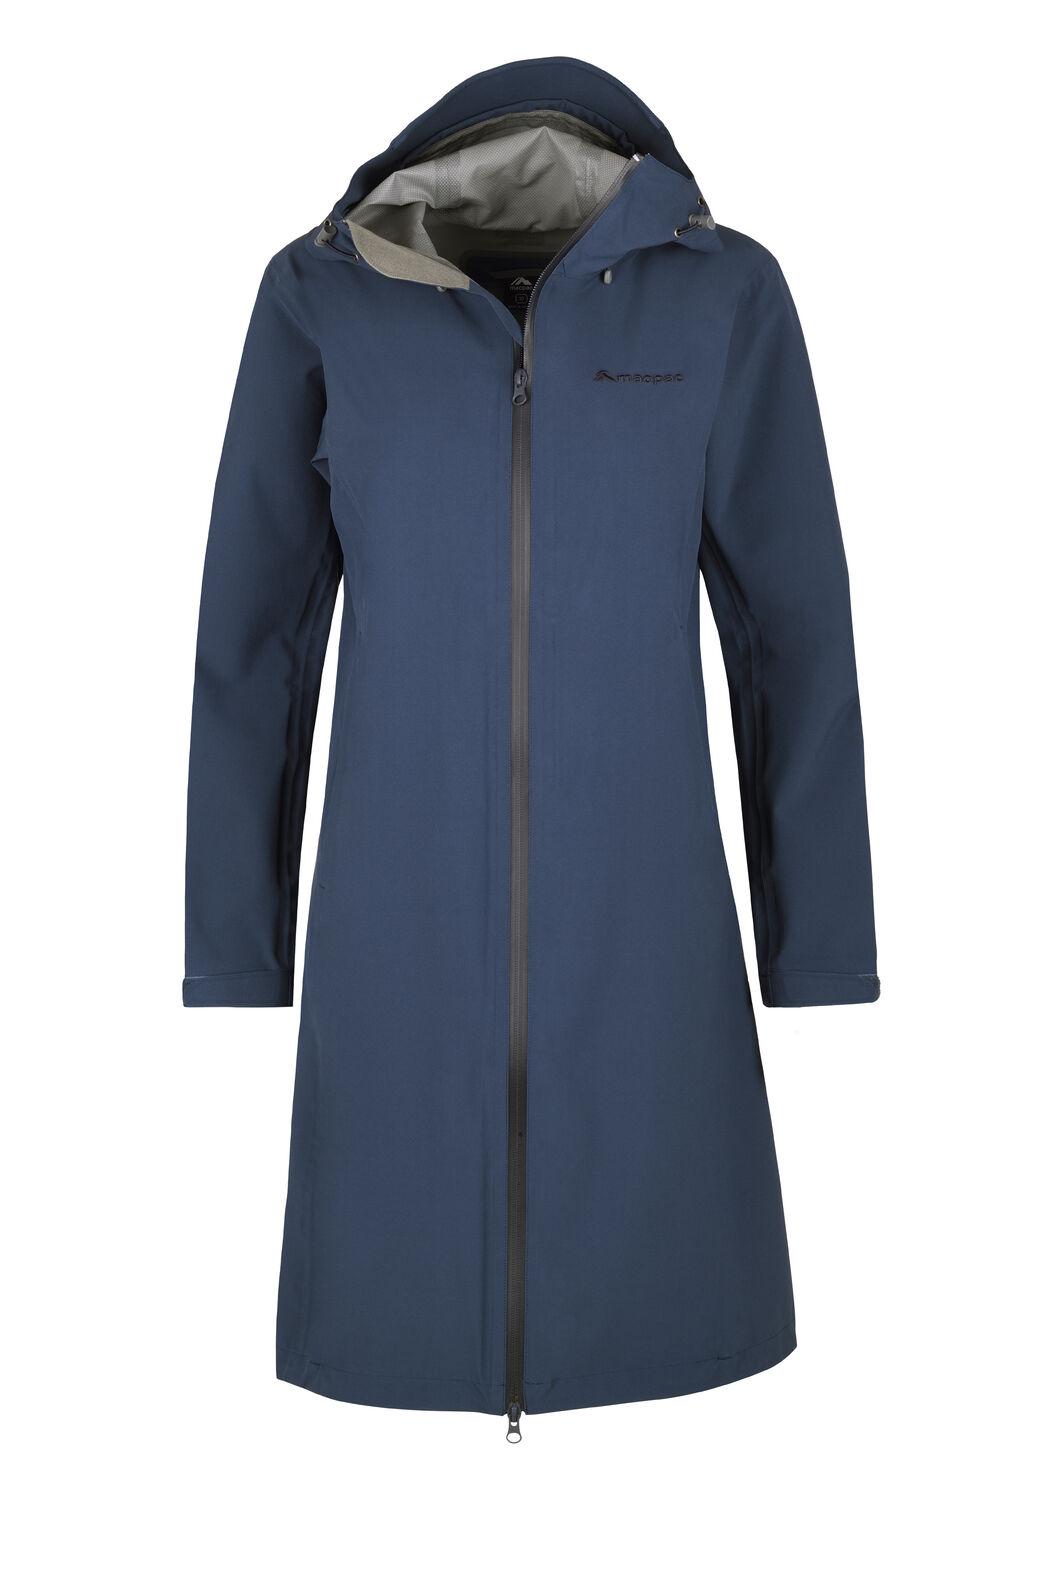 Macpac Dispatch Rain Coat — Women's, Black Iris, hi-res